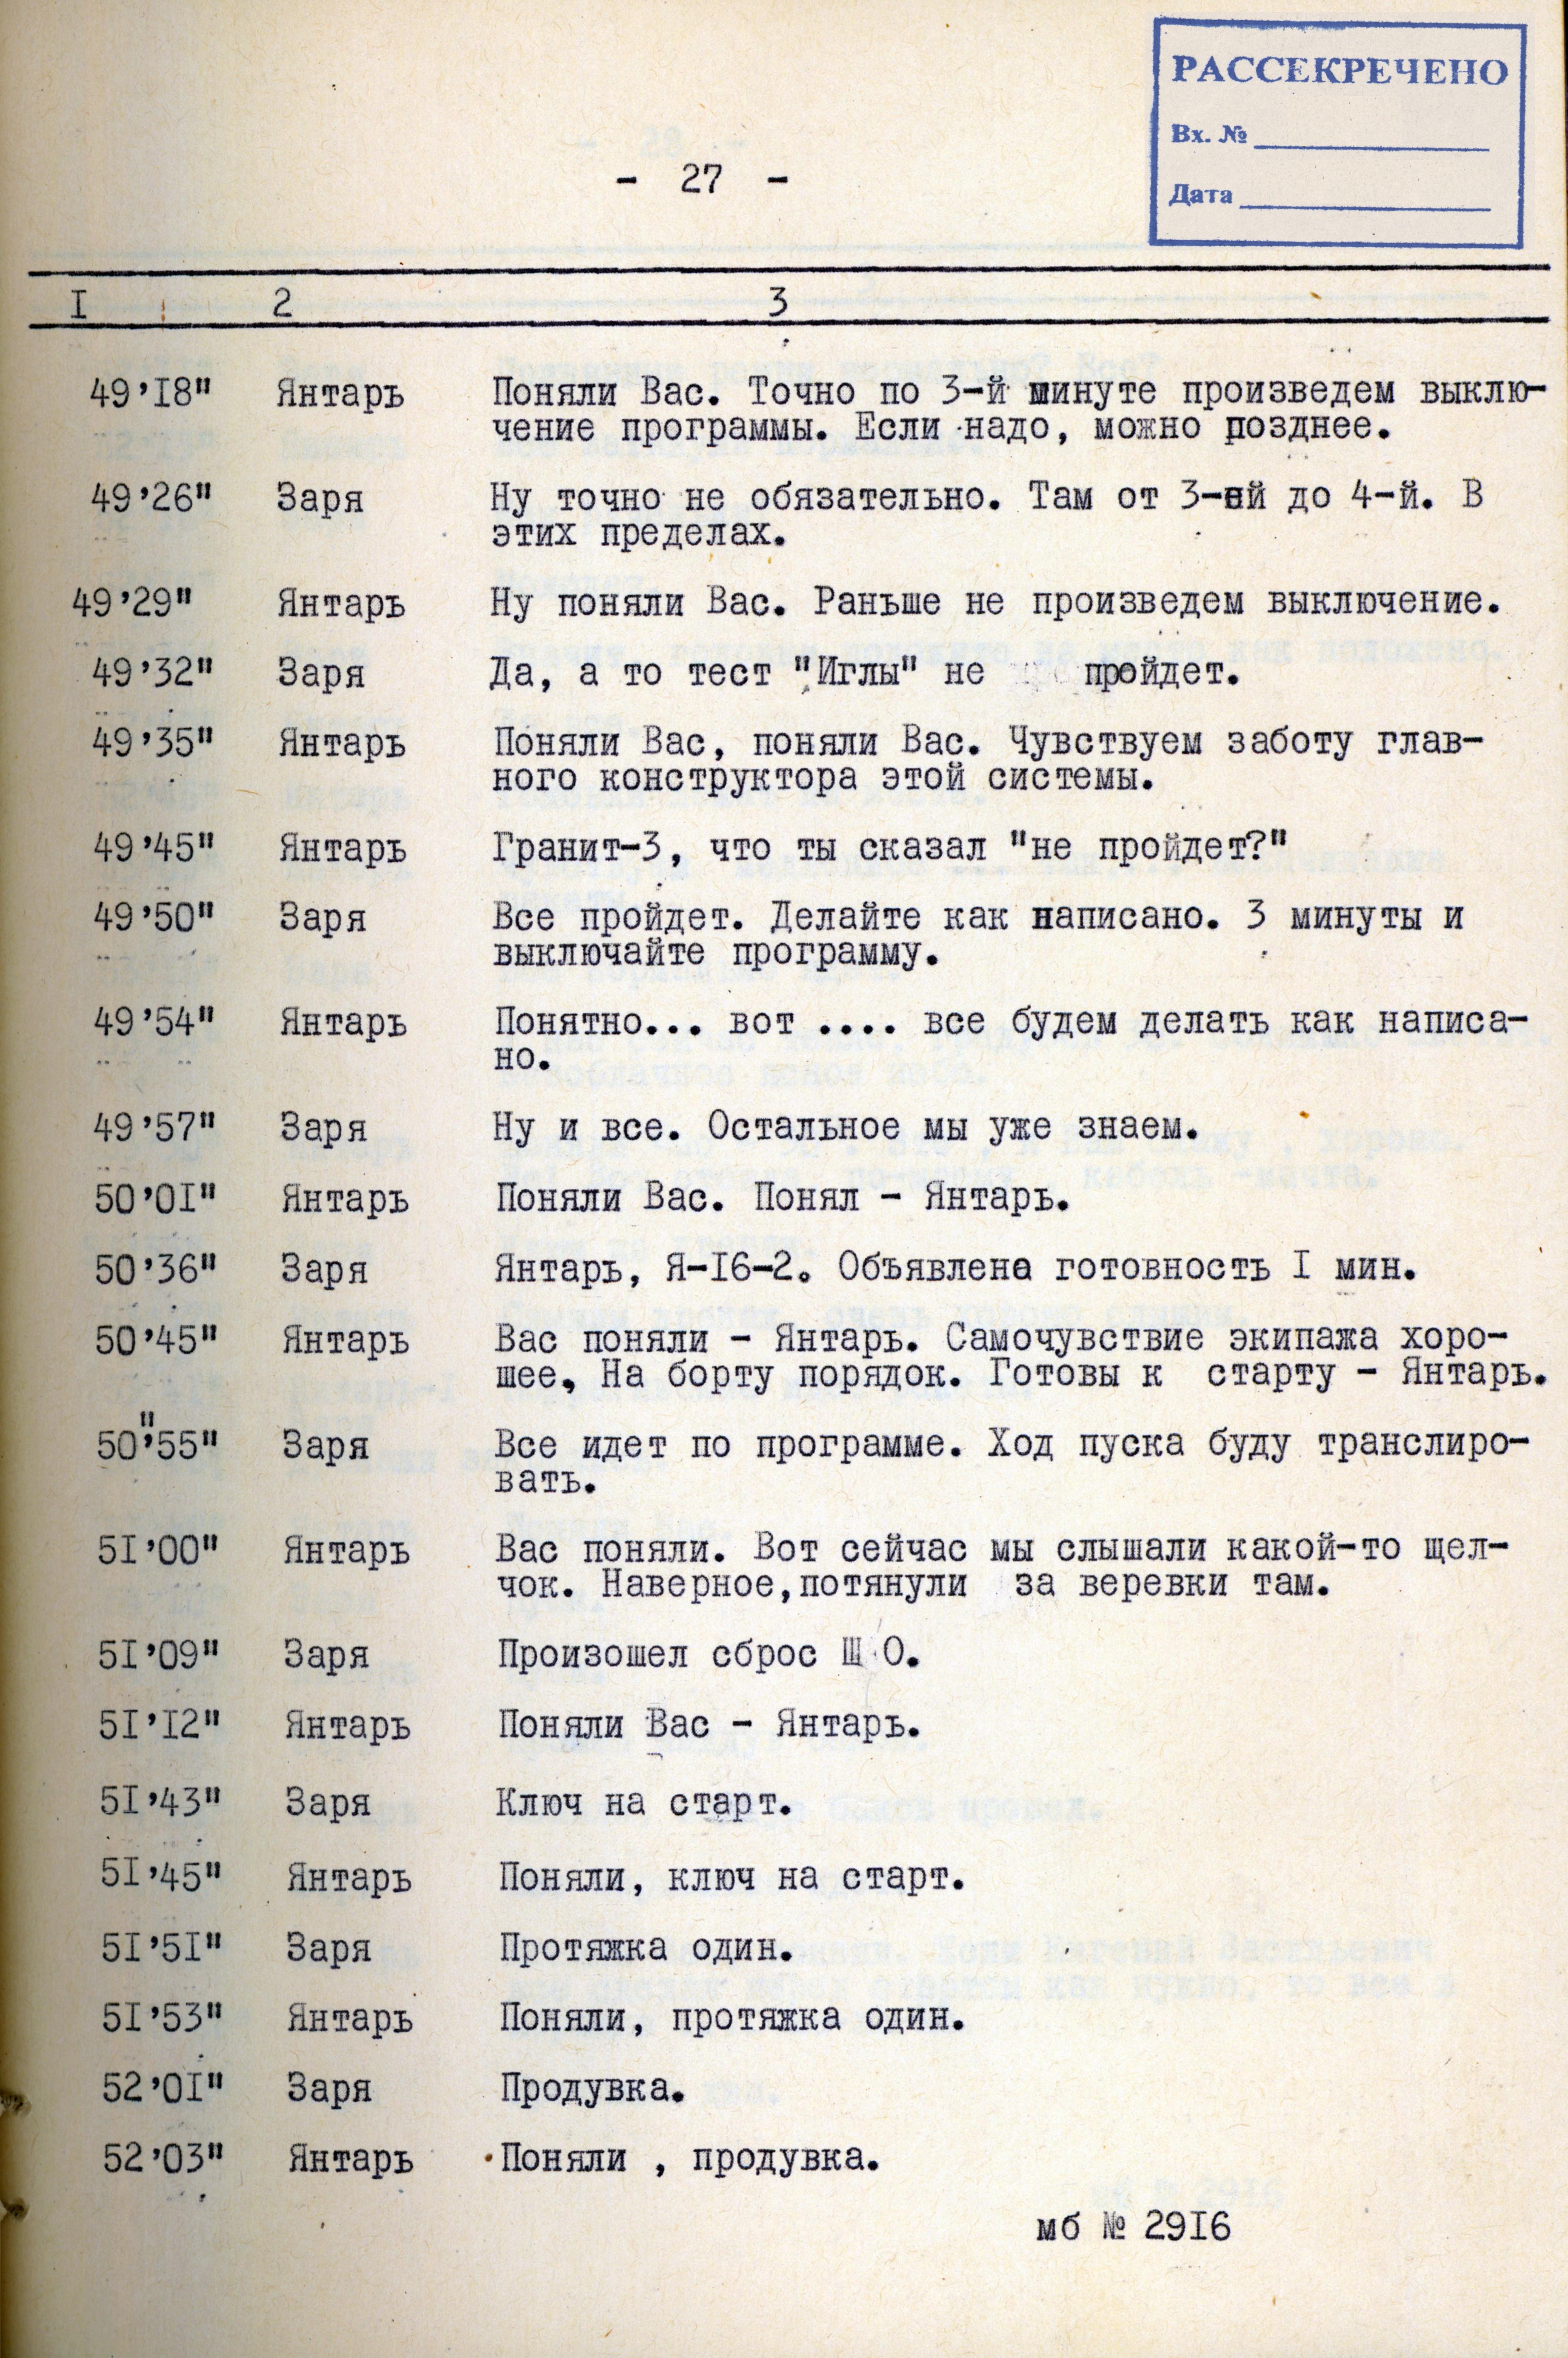 Рассекреченный документ, с.6